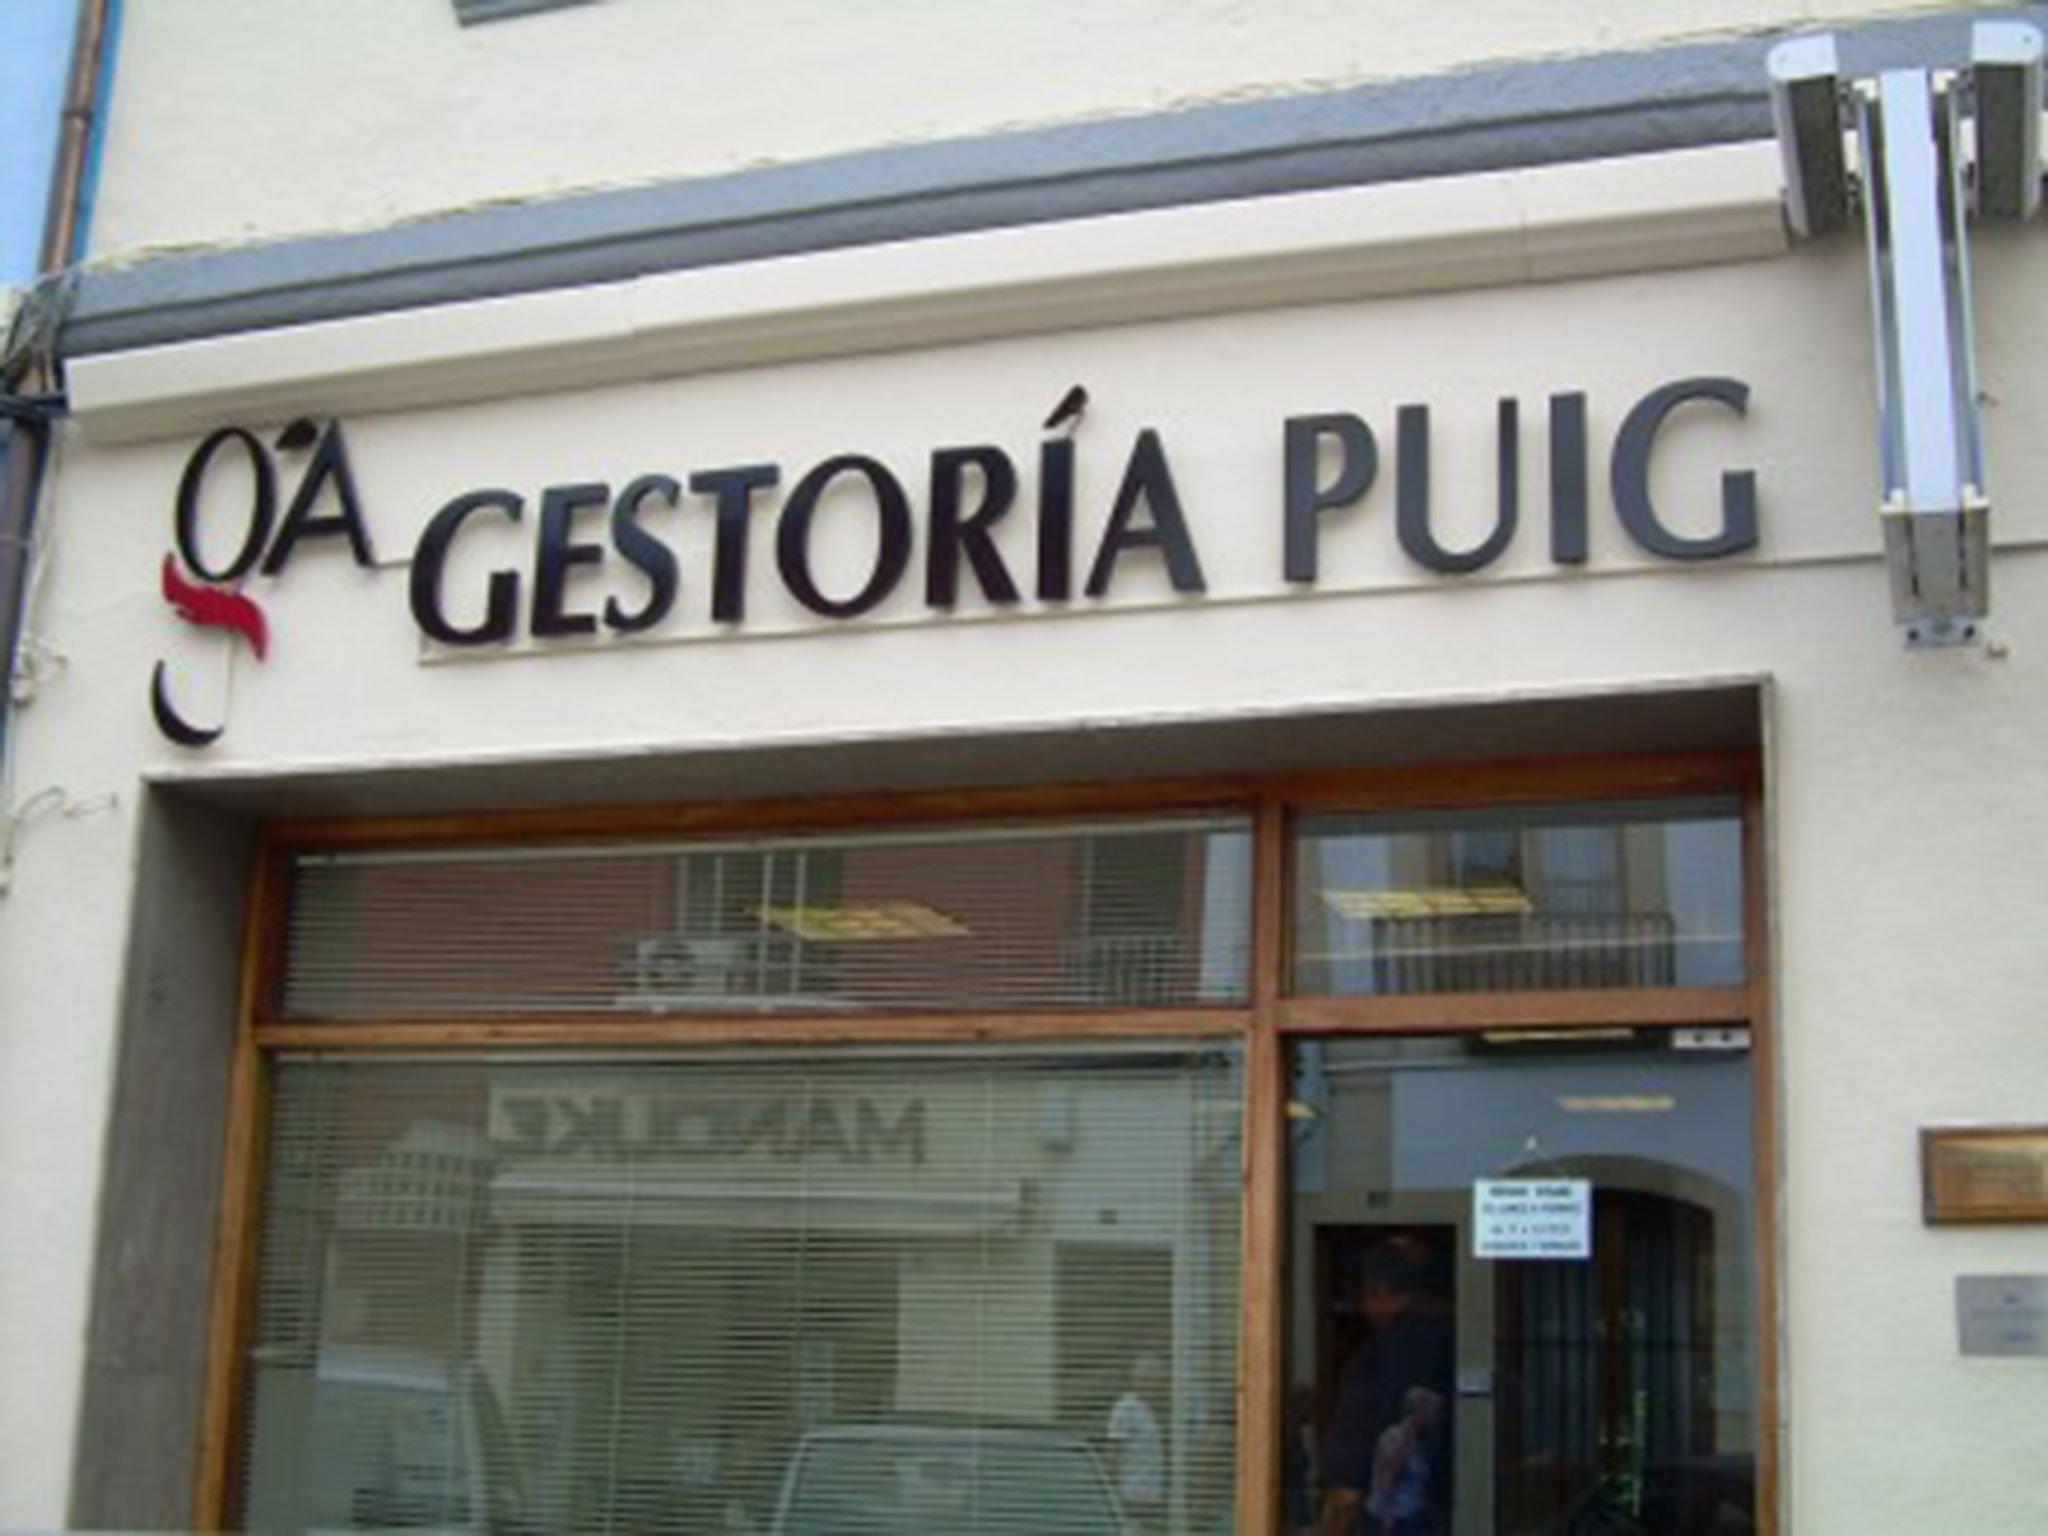 Facade of Gestoría Puig Cañamás